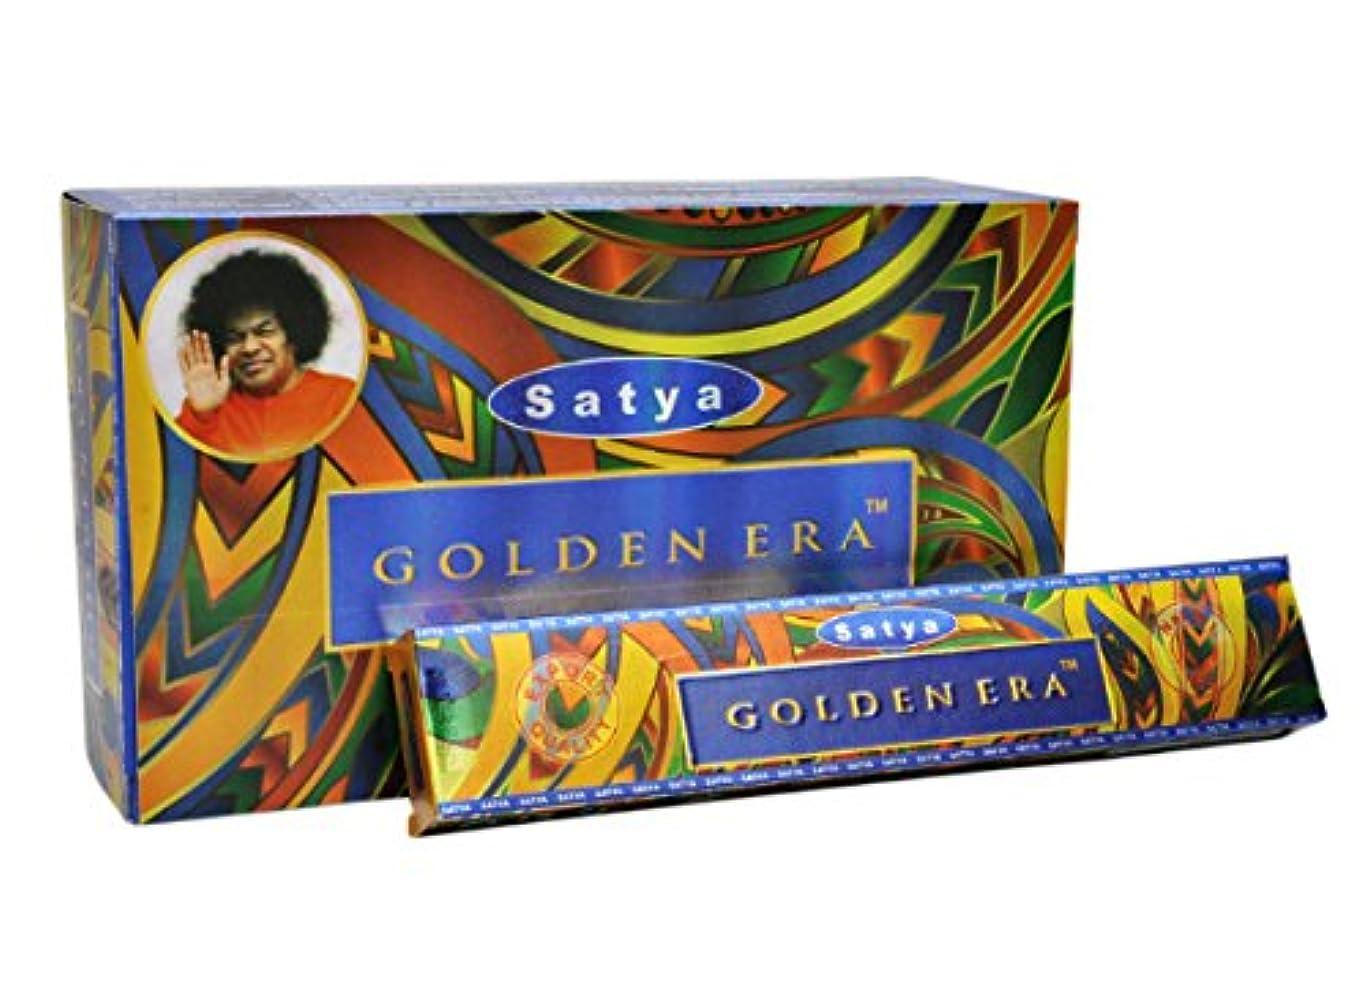 ハンサムアルファベット順ローラーSatya Golden Era お香スティック 180gフルボックス